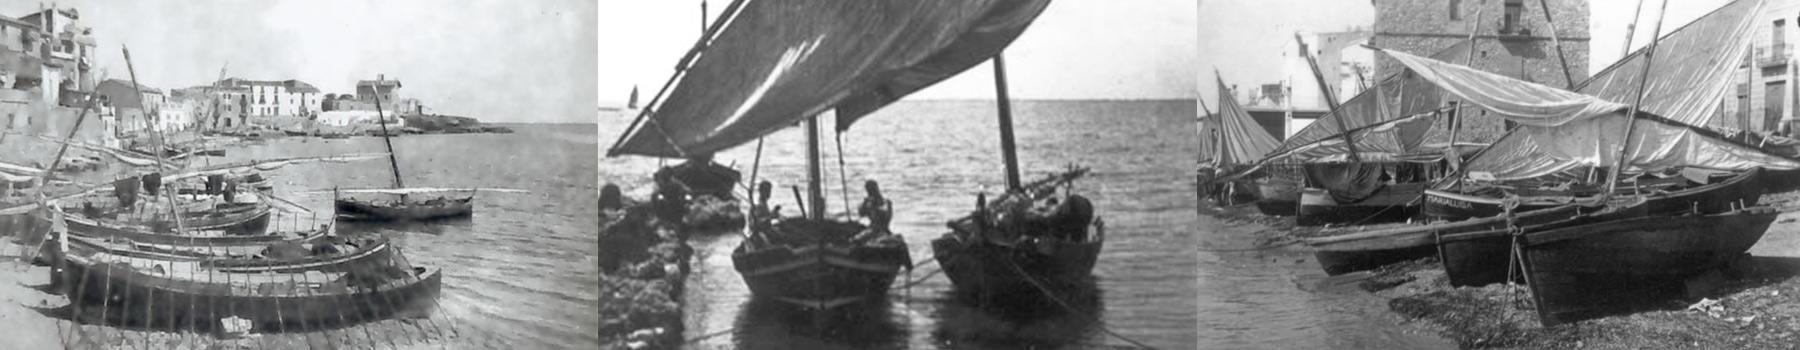 Historia de un pueblo marinero